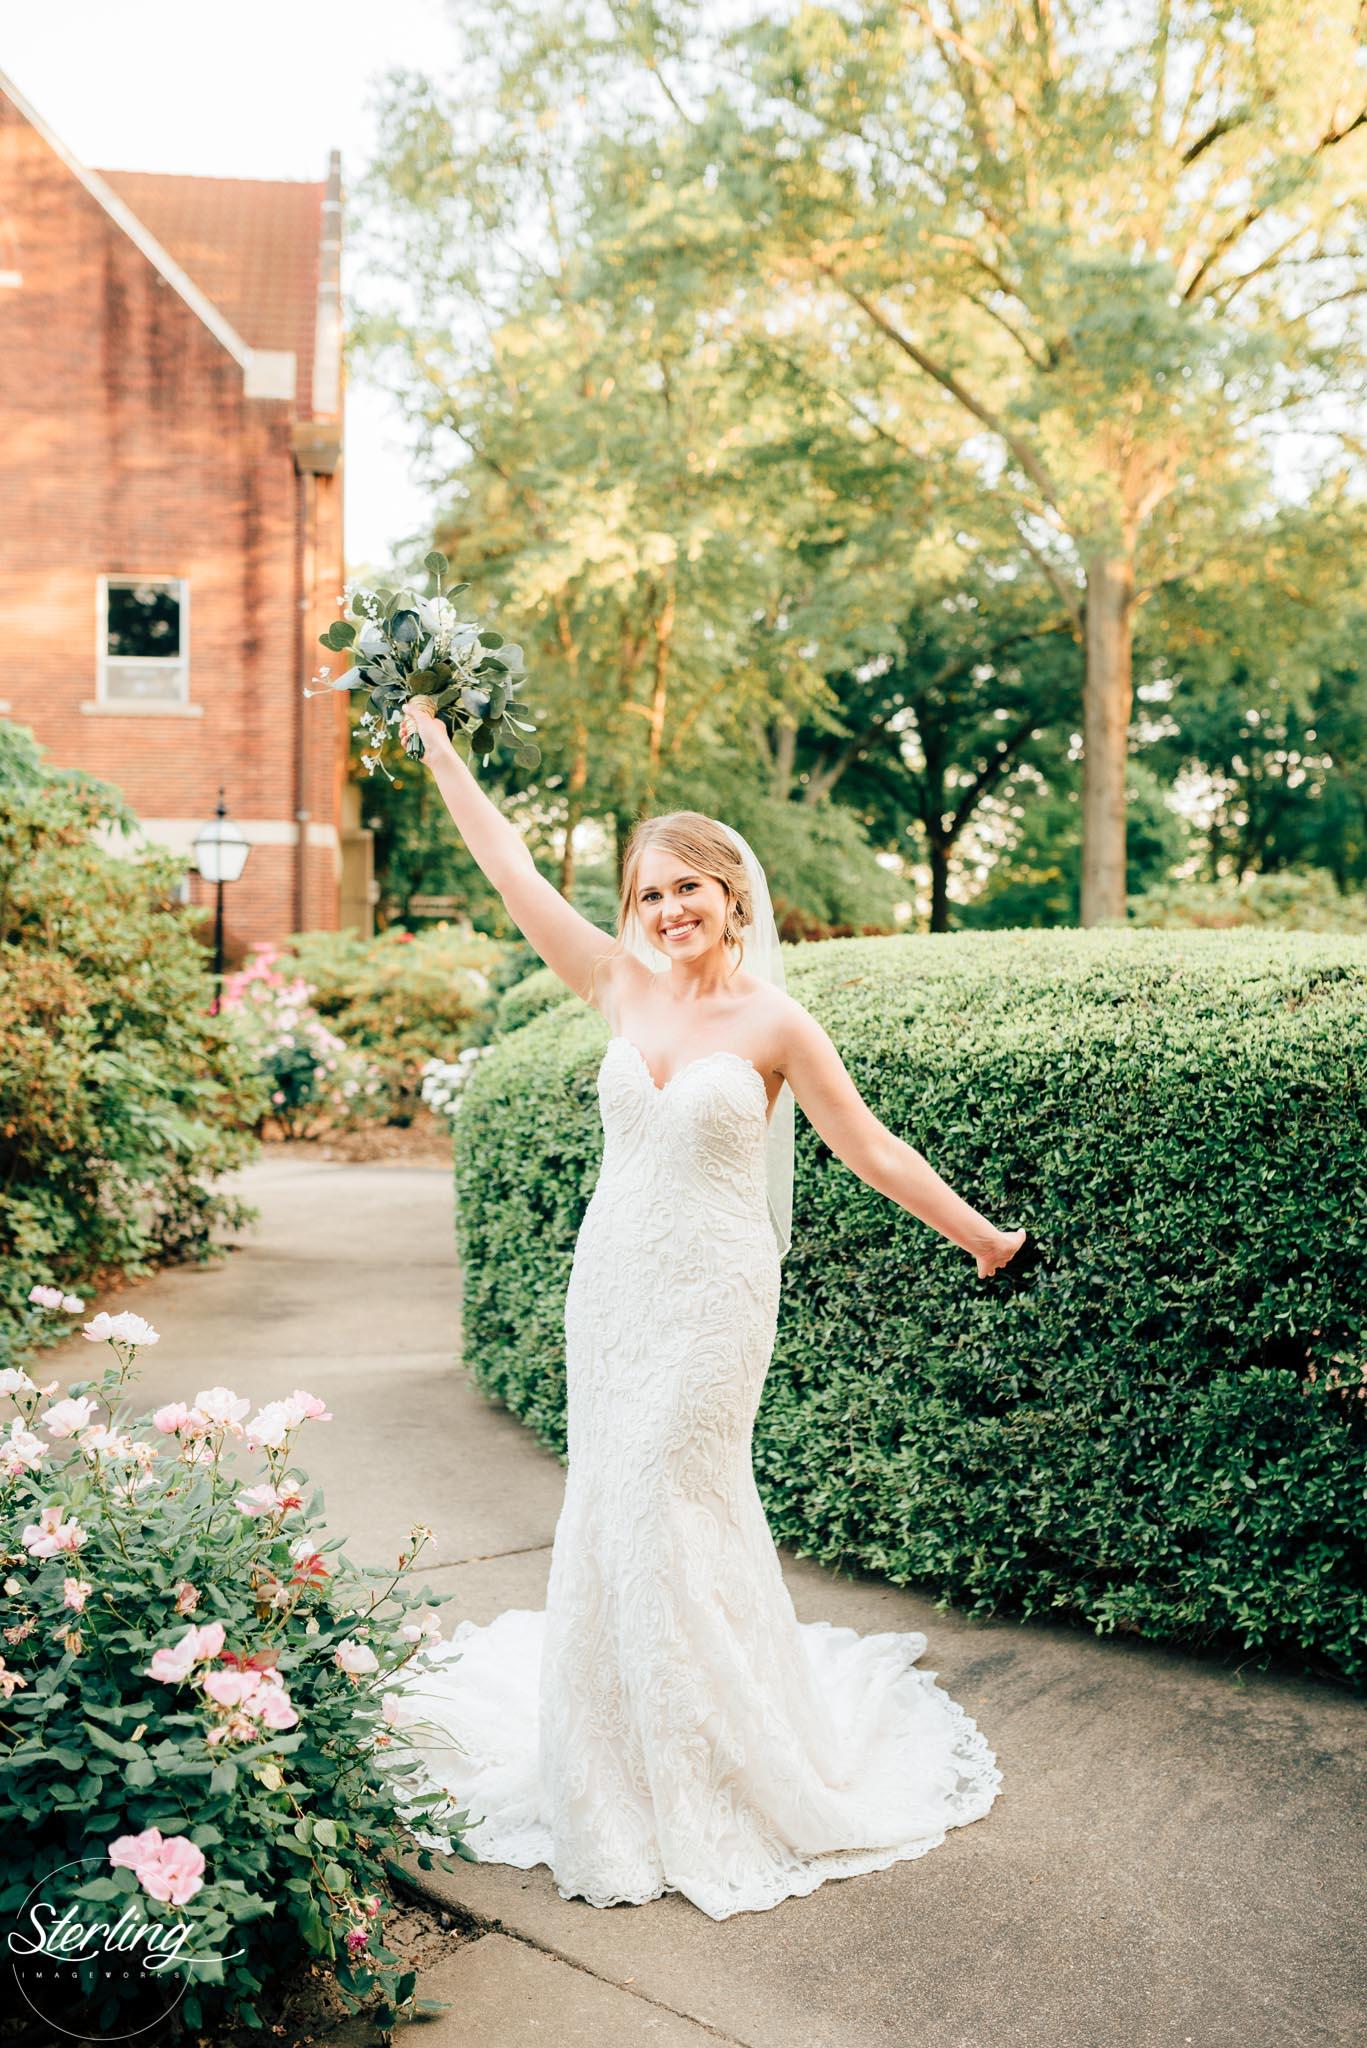 Savannah_bridals18_(i)-84